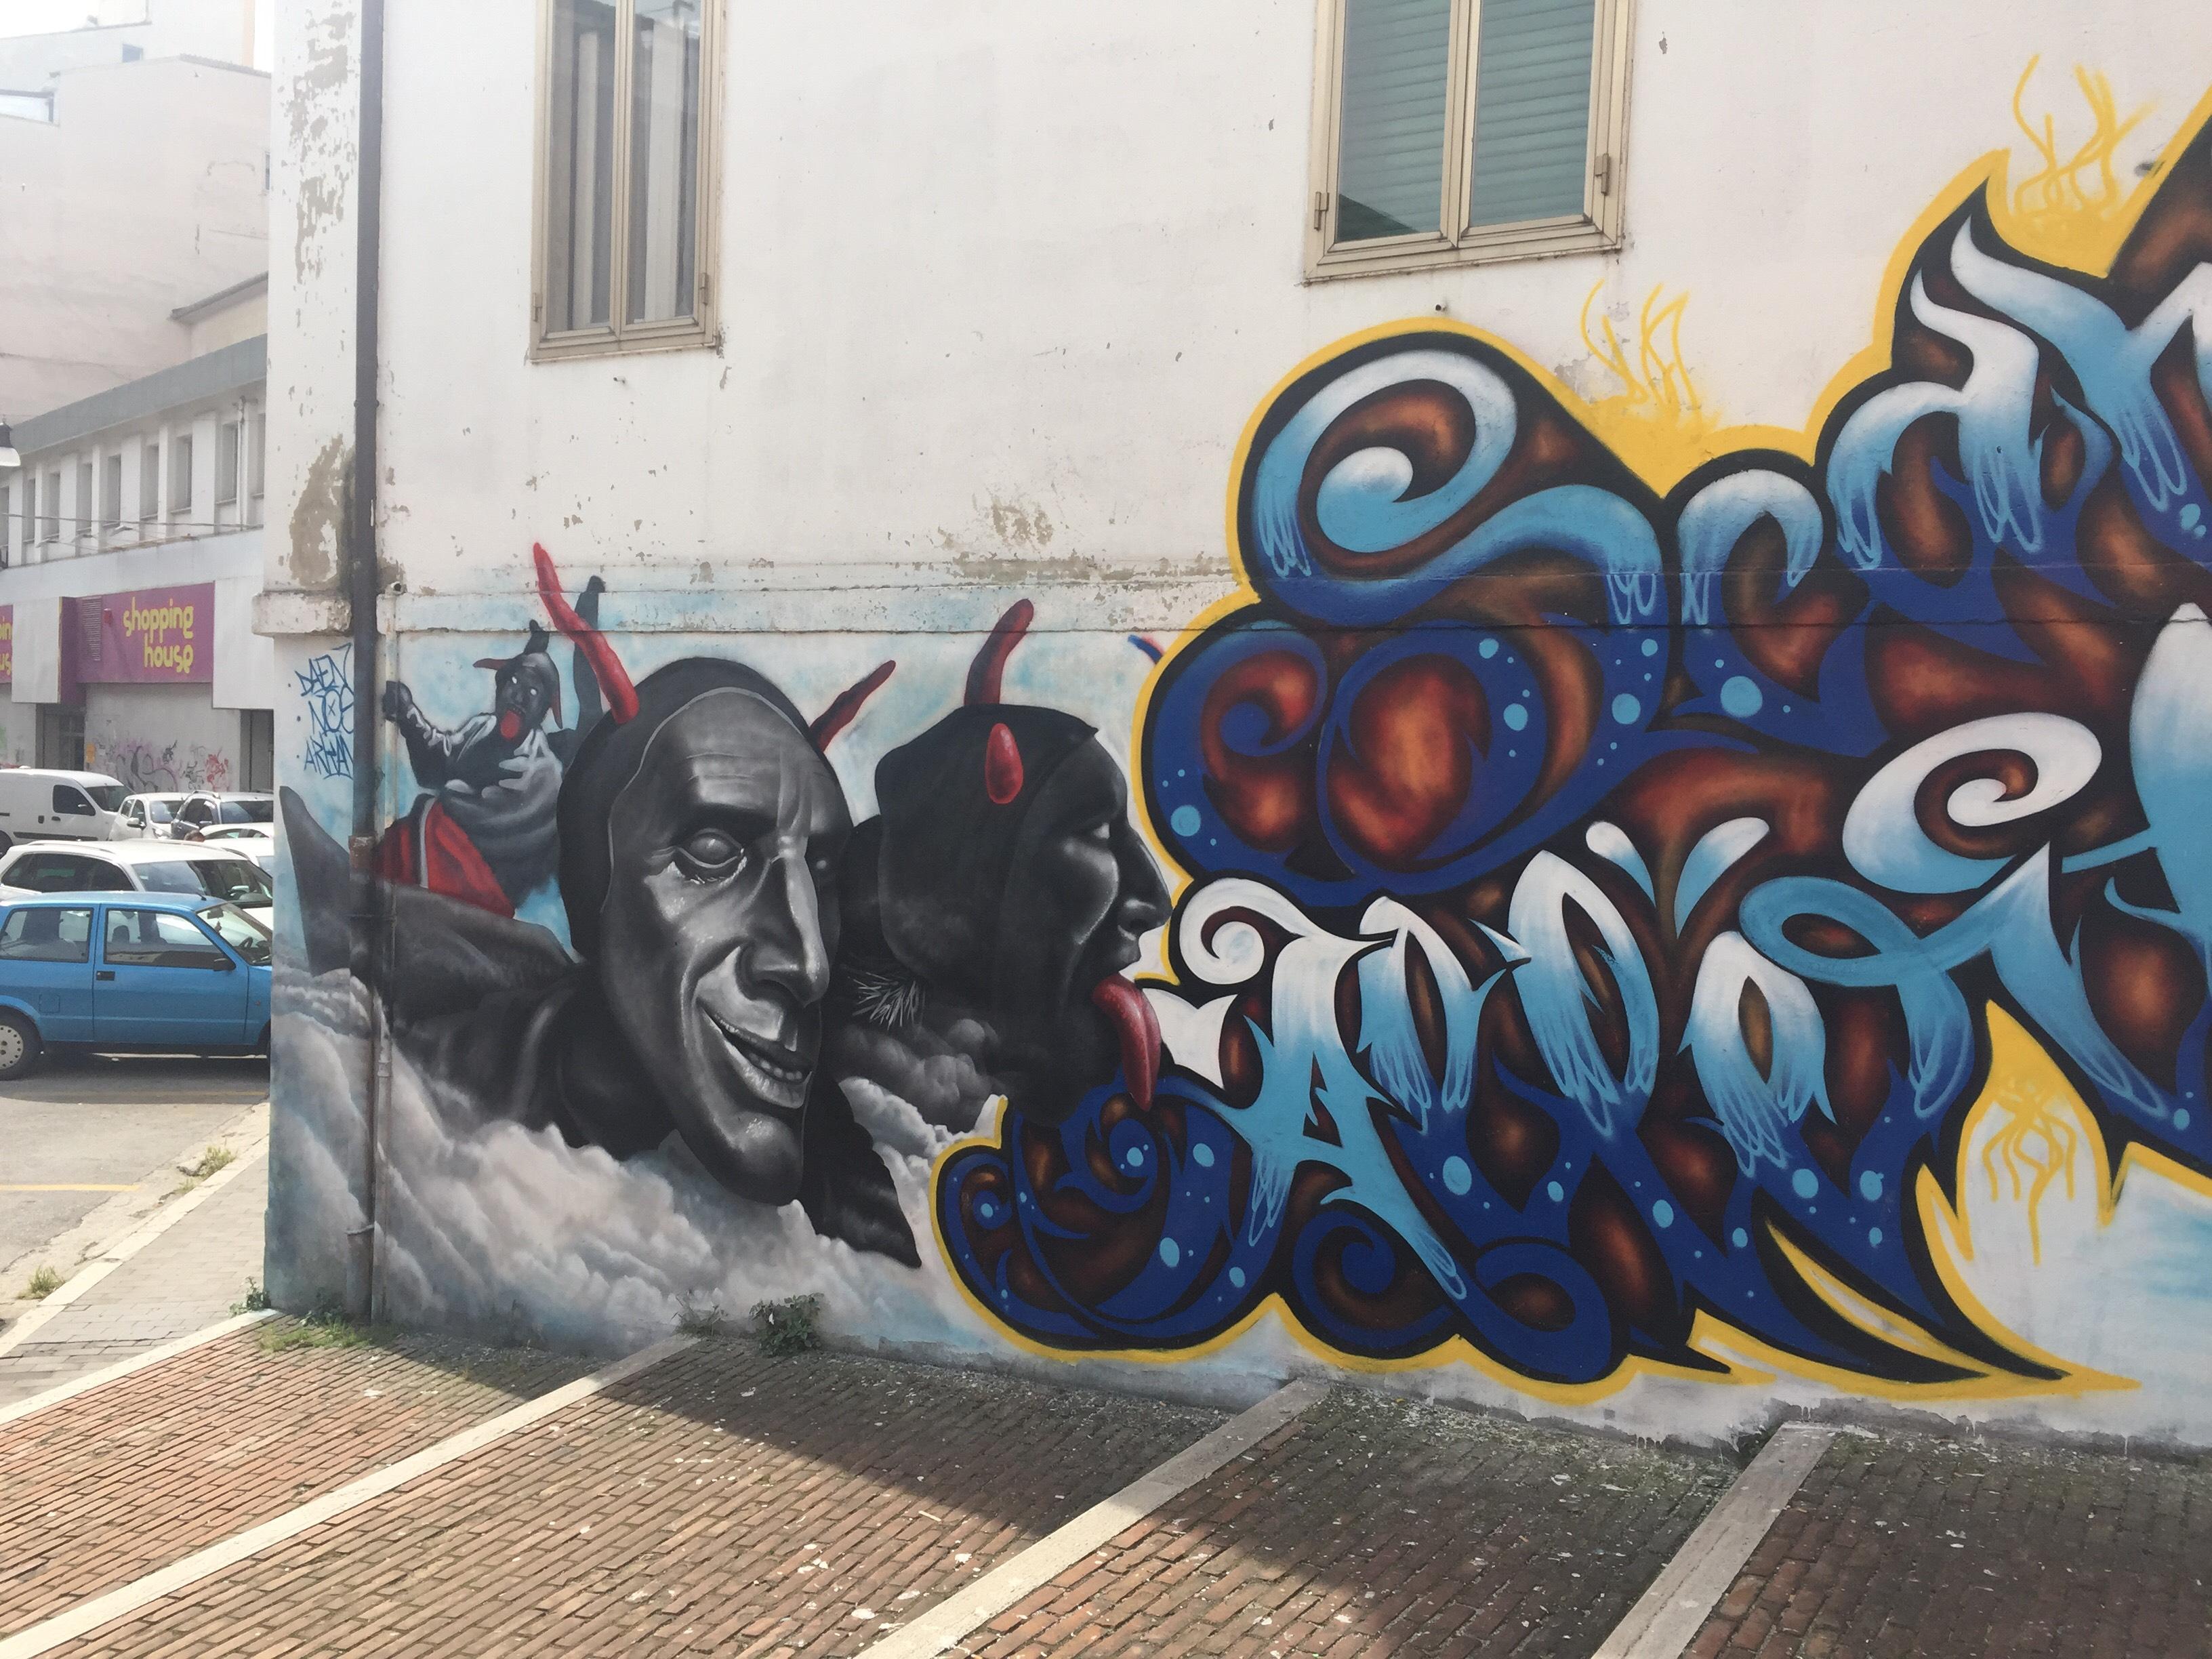 Murales dei Misteri, ancora un'opera d'arte sui muri della città